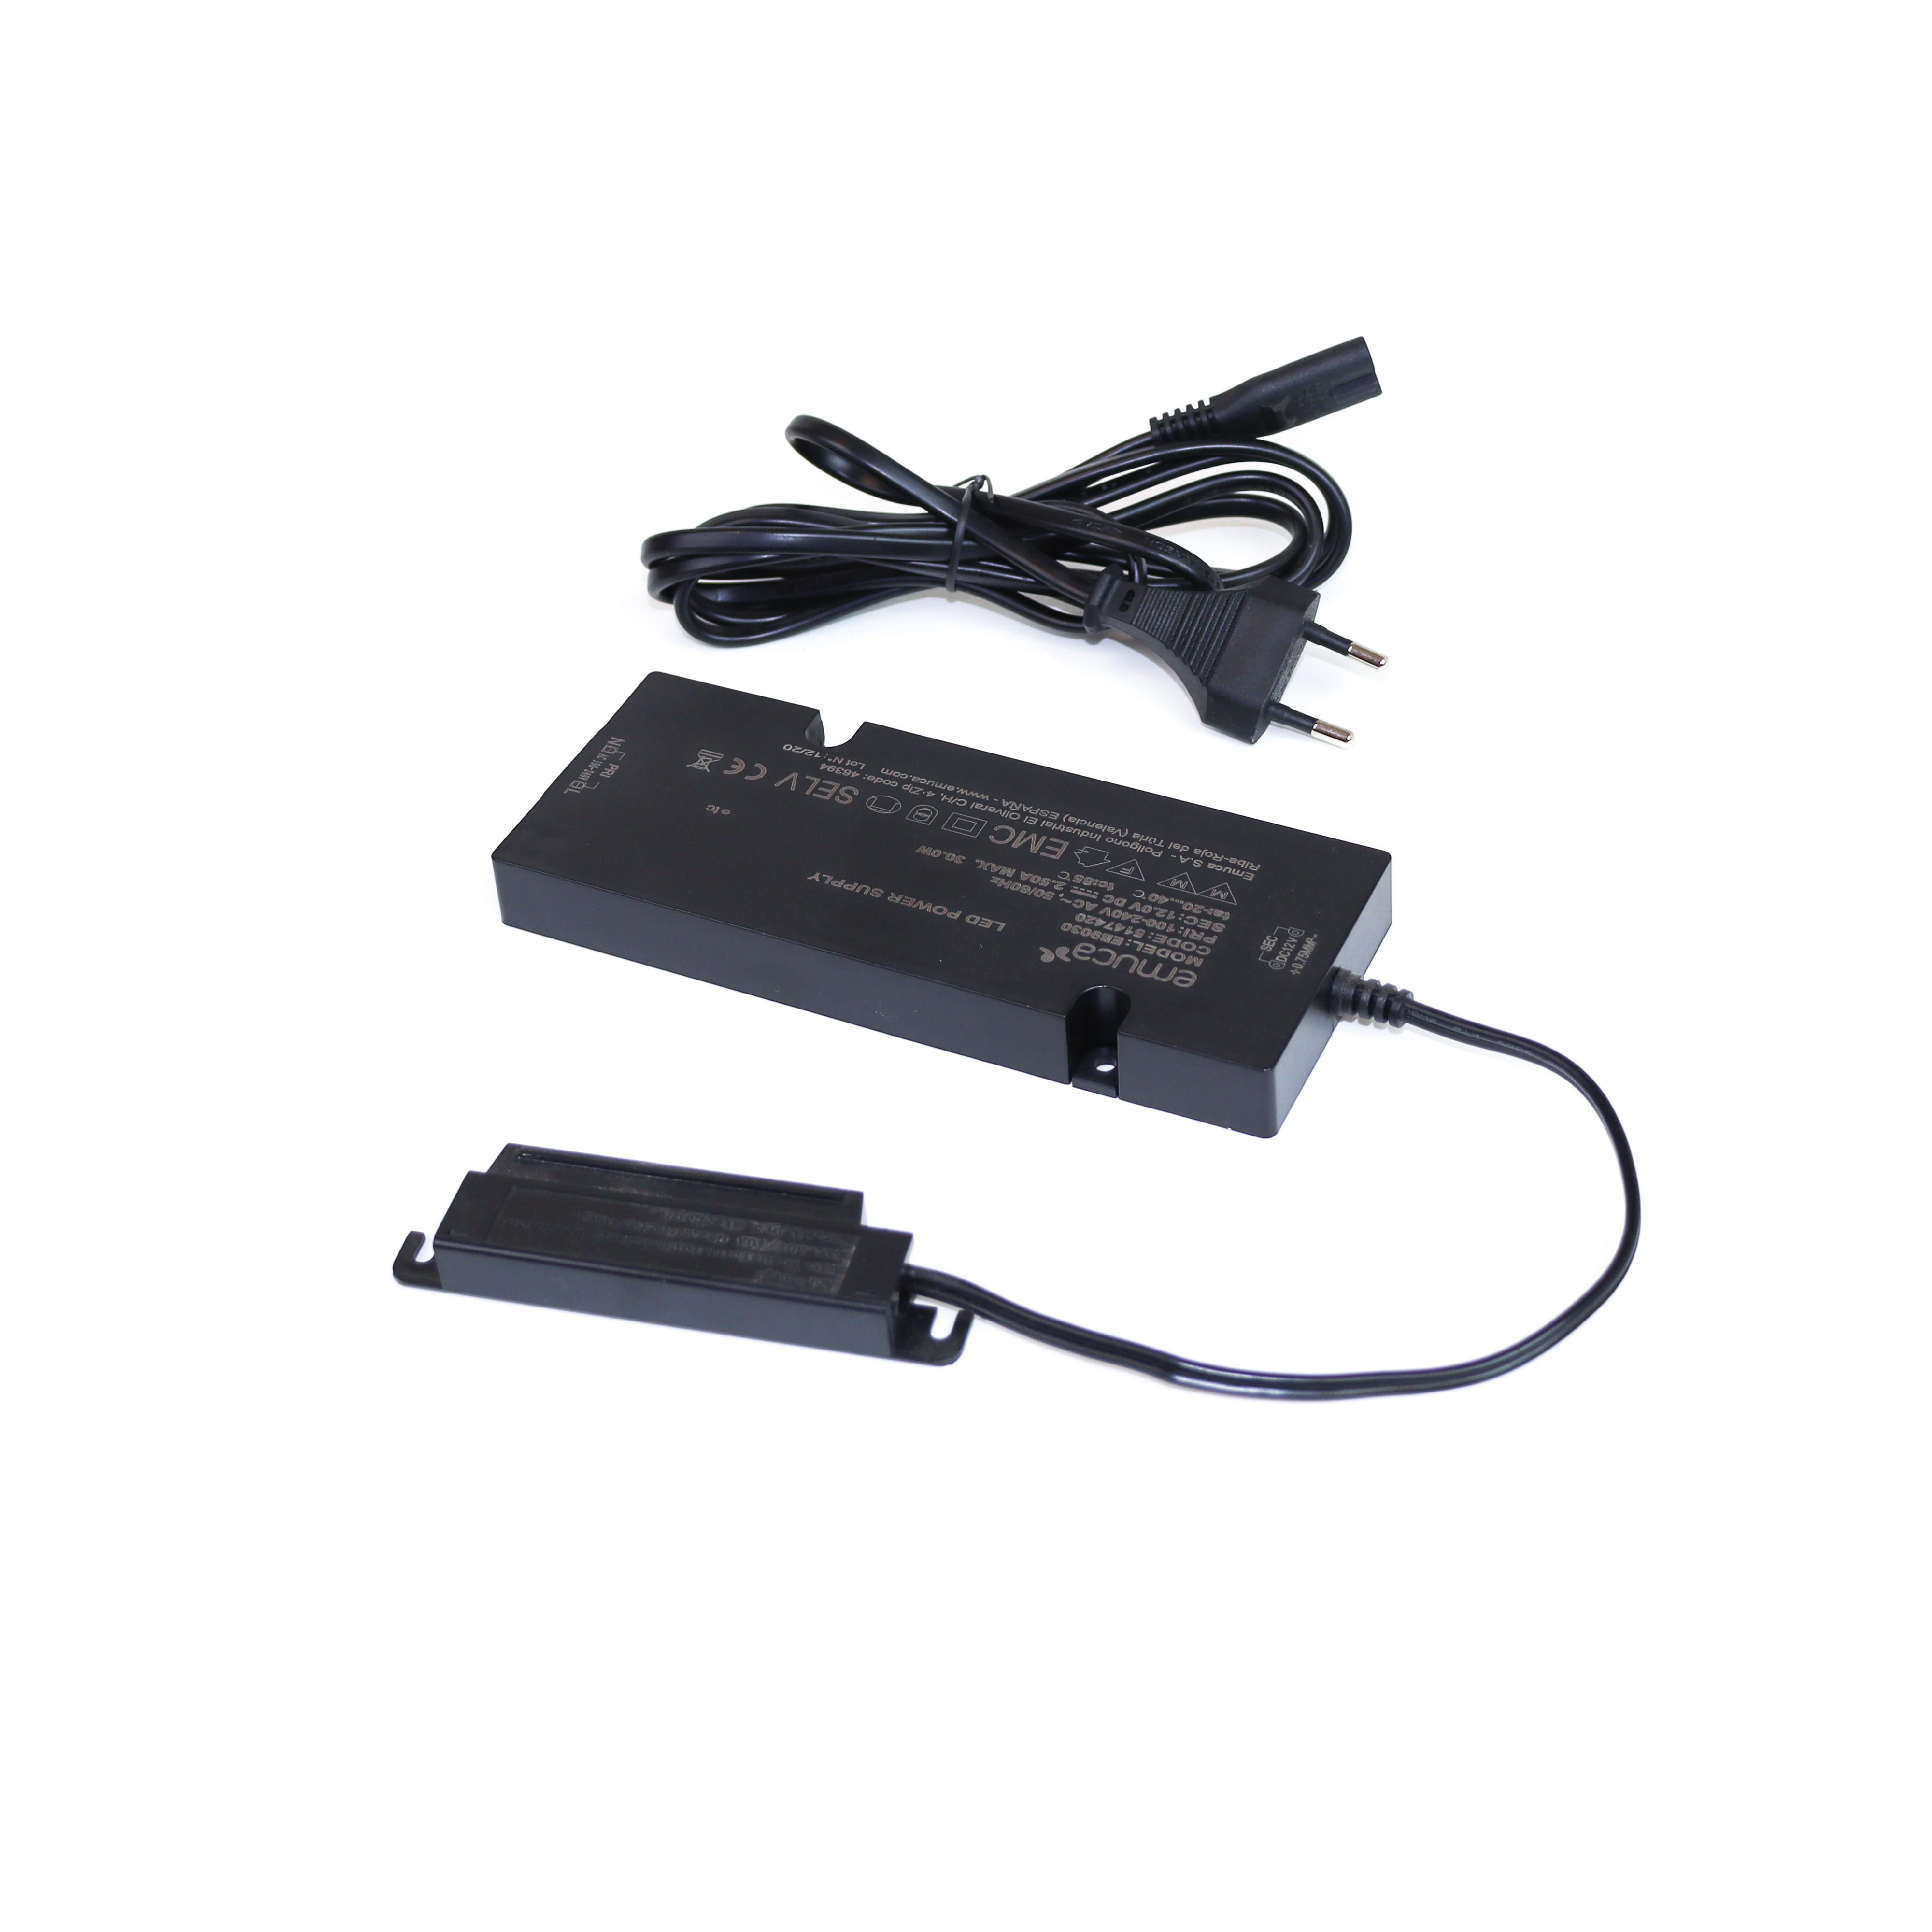 Emuca Convertitore di tensione costante per illuminazioni LED, 30 W, Plastica, Nero